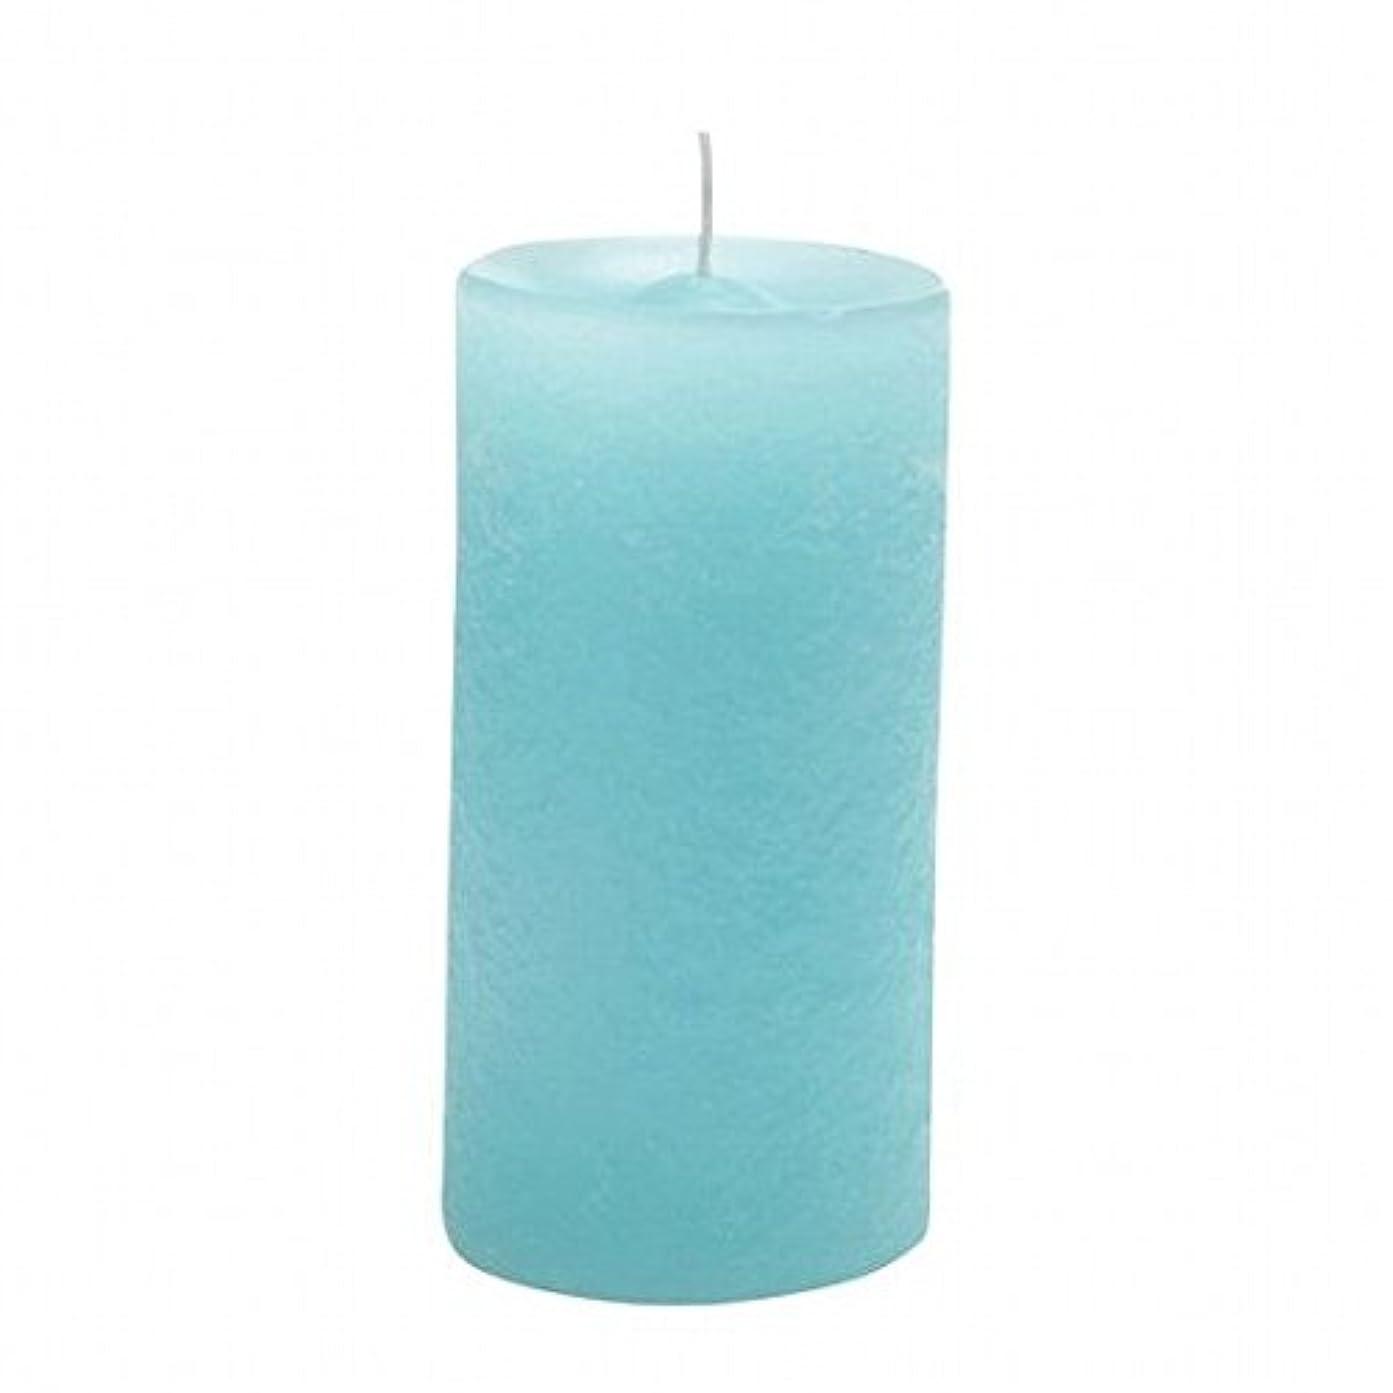 希少性昼食論争の的YANKEE CANDLE(ヤンキーキャンドル) ラスティクピラー50×100 「 ライトブルー 」(A4930020LB)